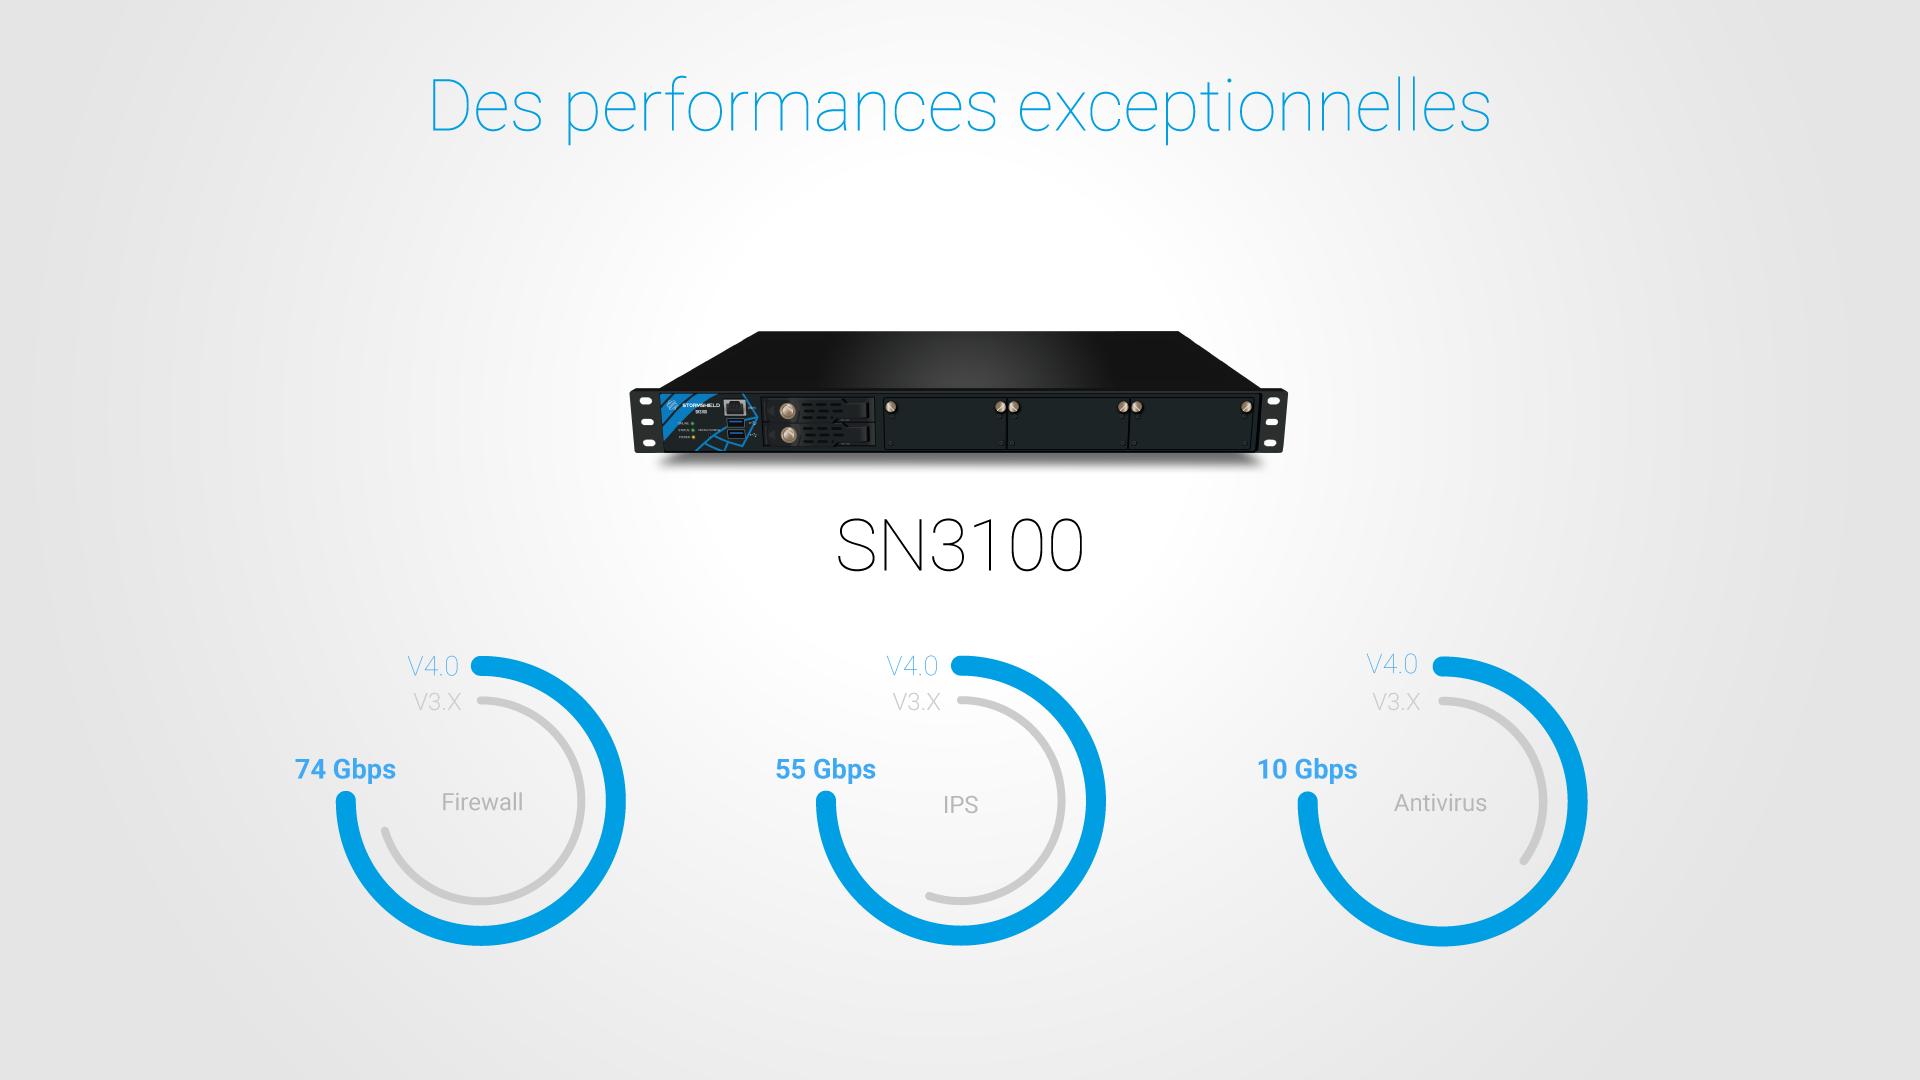 SNS V4.0 : des performances exceptionnelles Firewall, IPS et Antivirus pour le SN3100